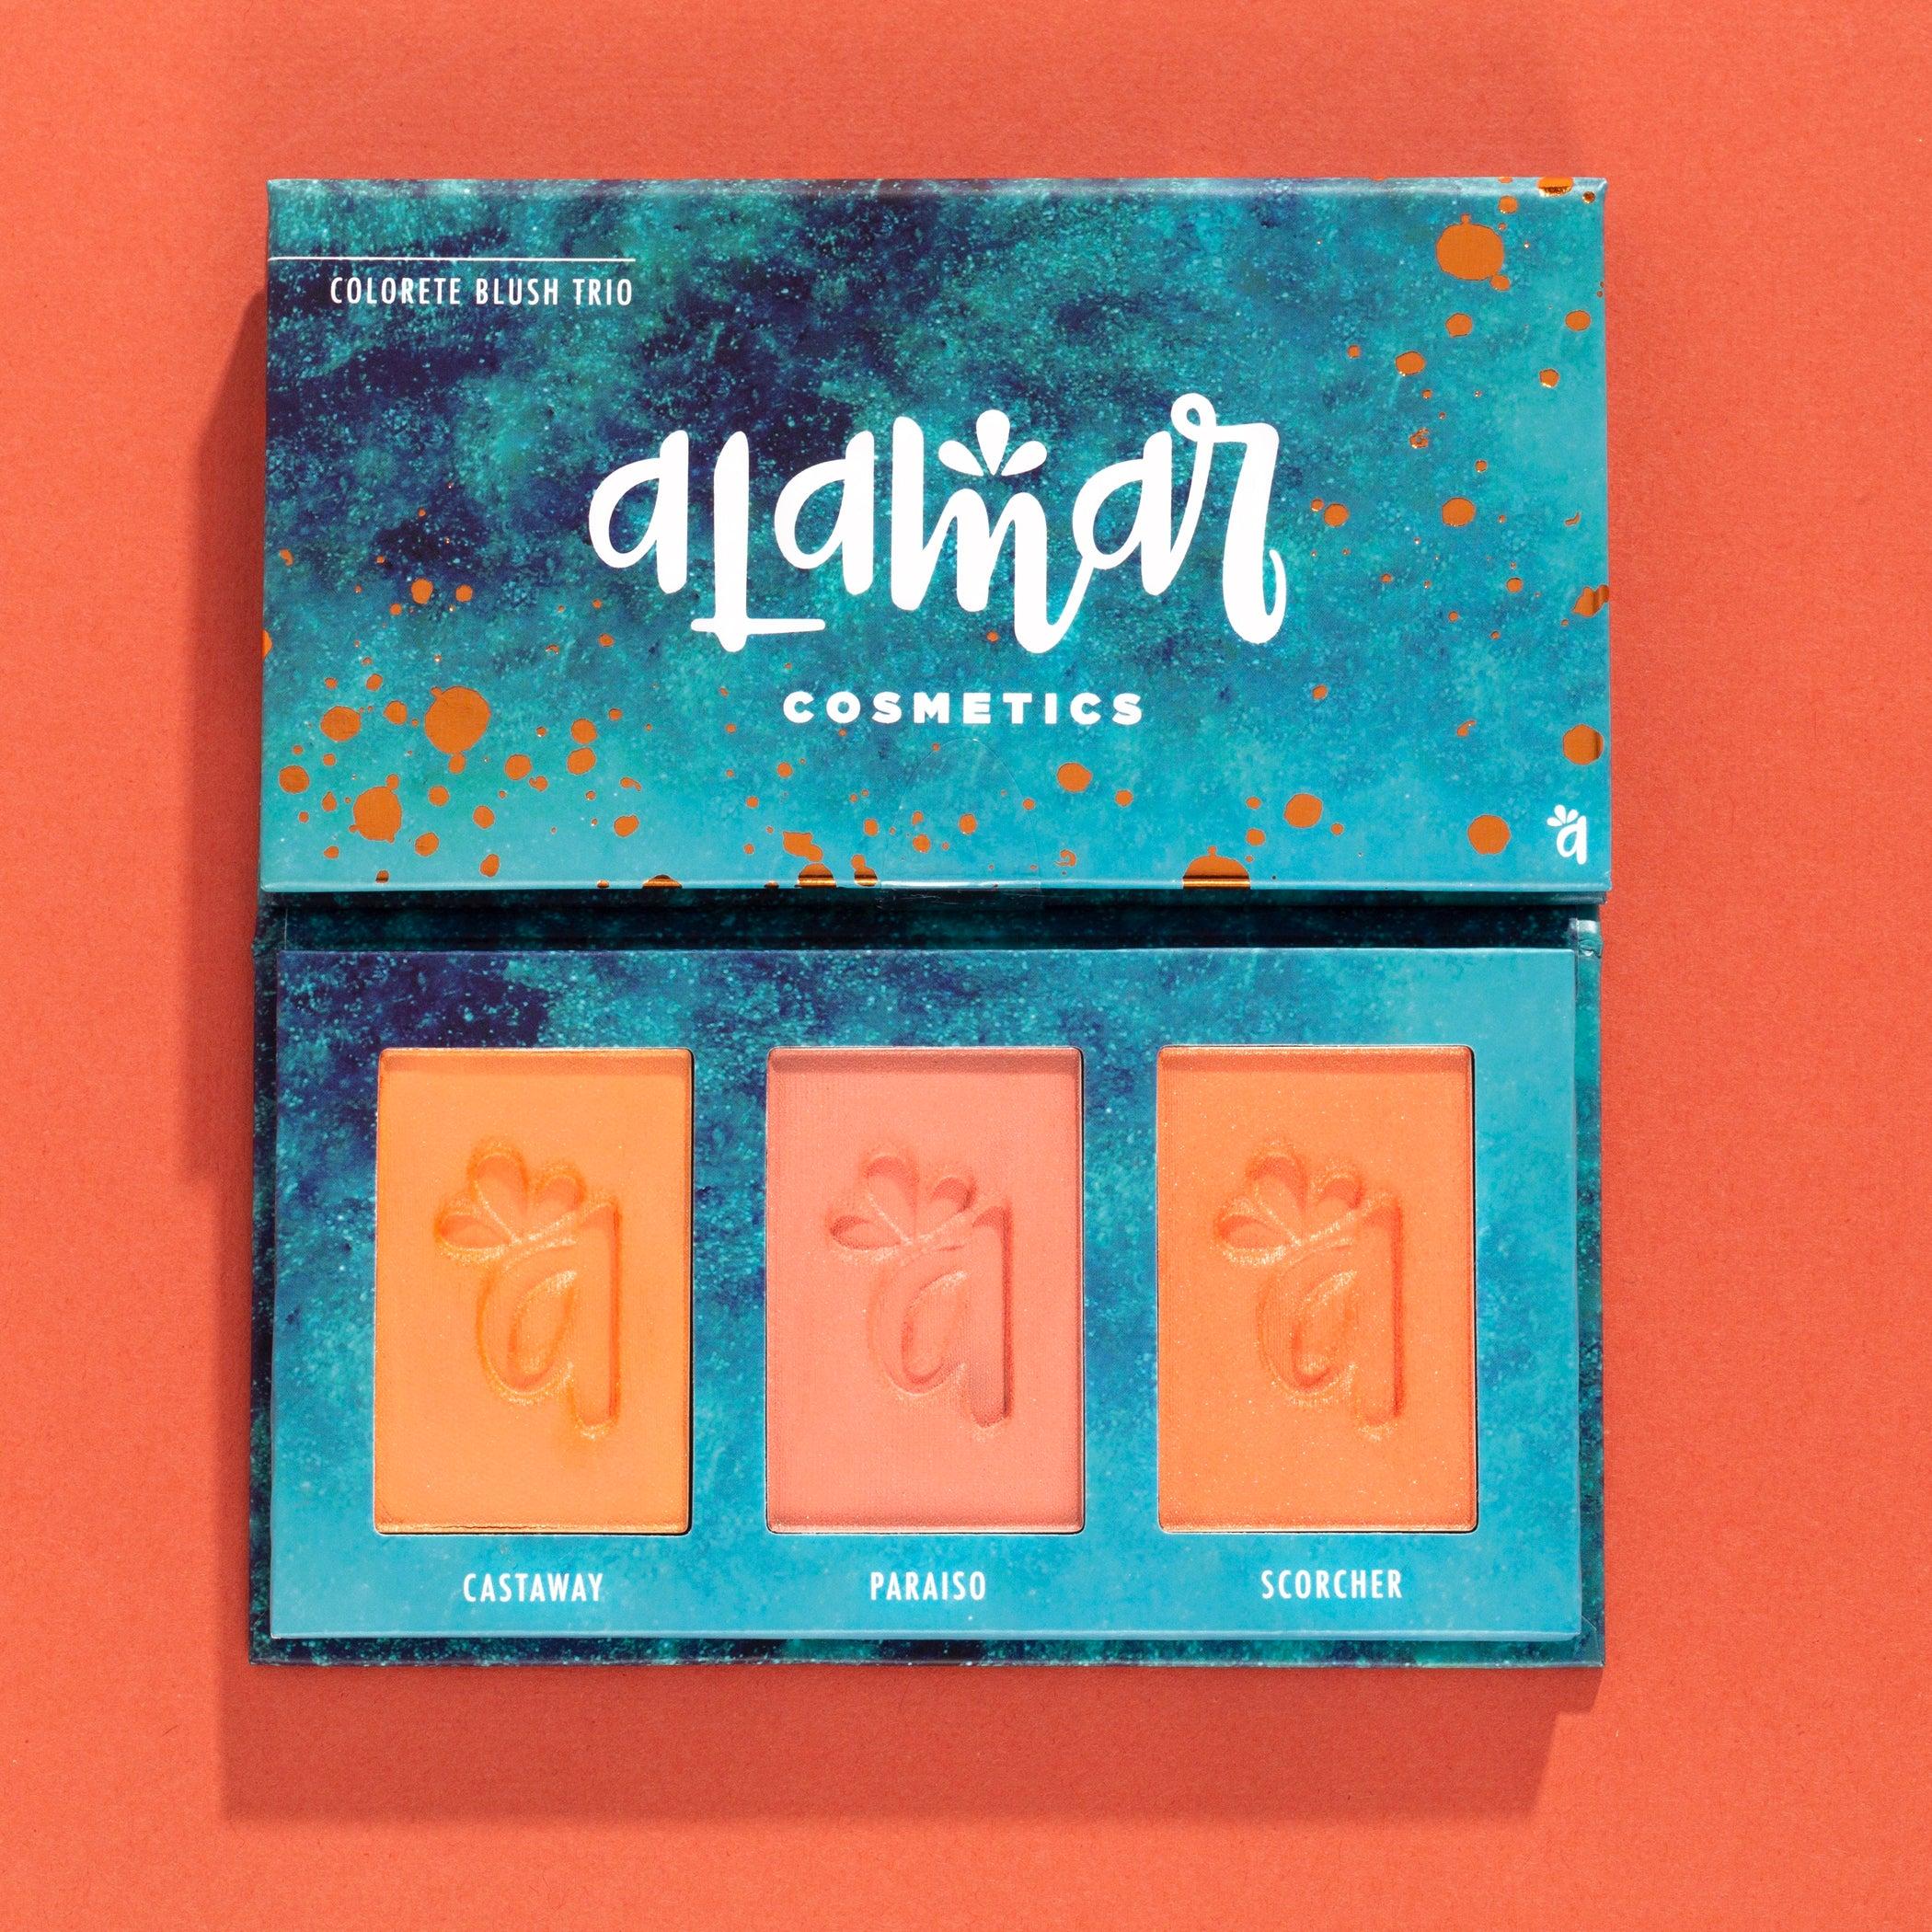 Alamar Cosmetics - Colorete Blush Trio, Fair/Light